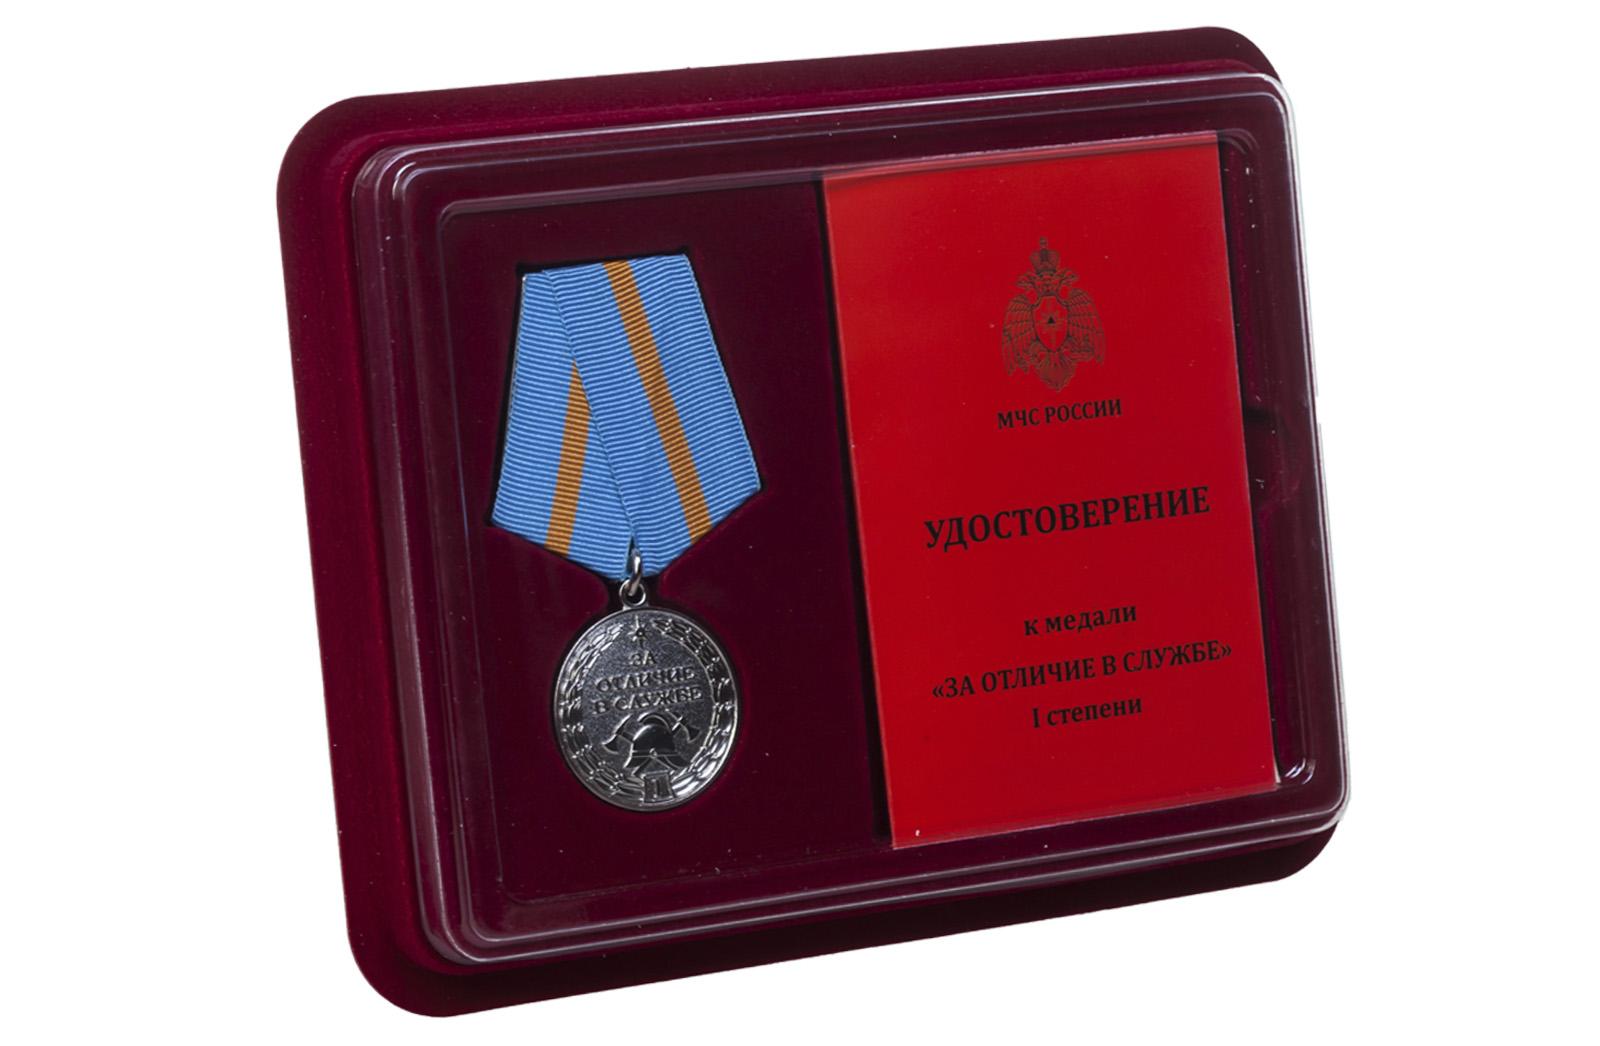 Купить медаль МЧС За отличие в службе 1 степени по экономичной цене